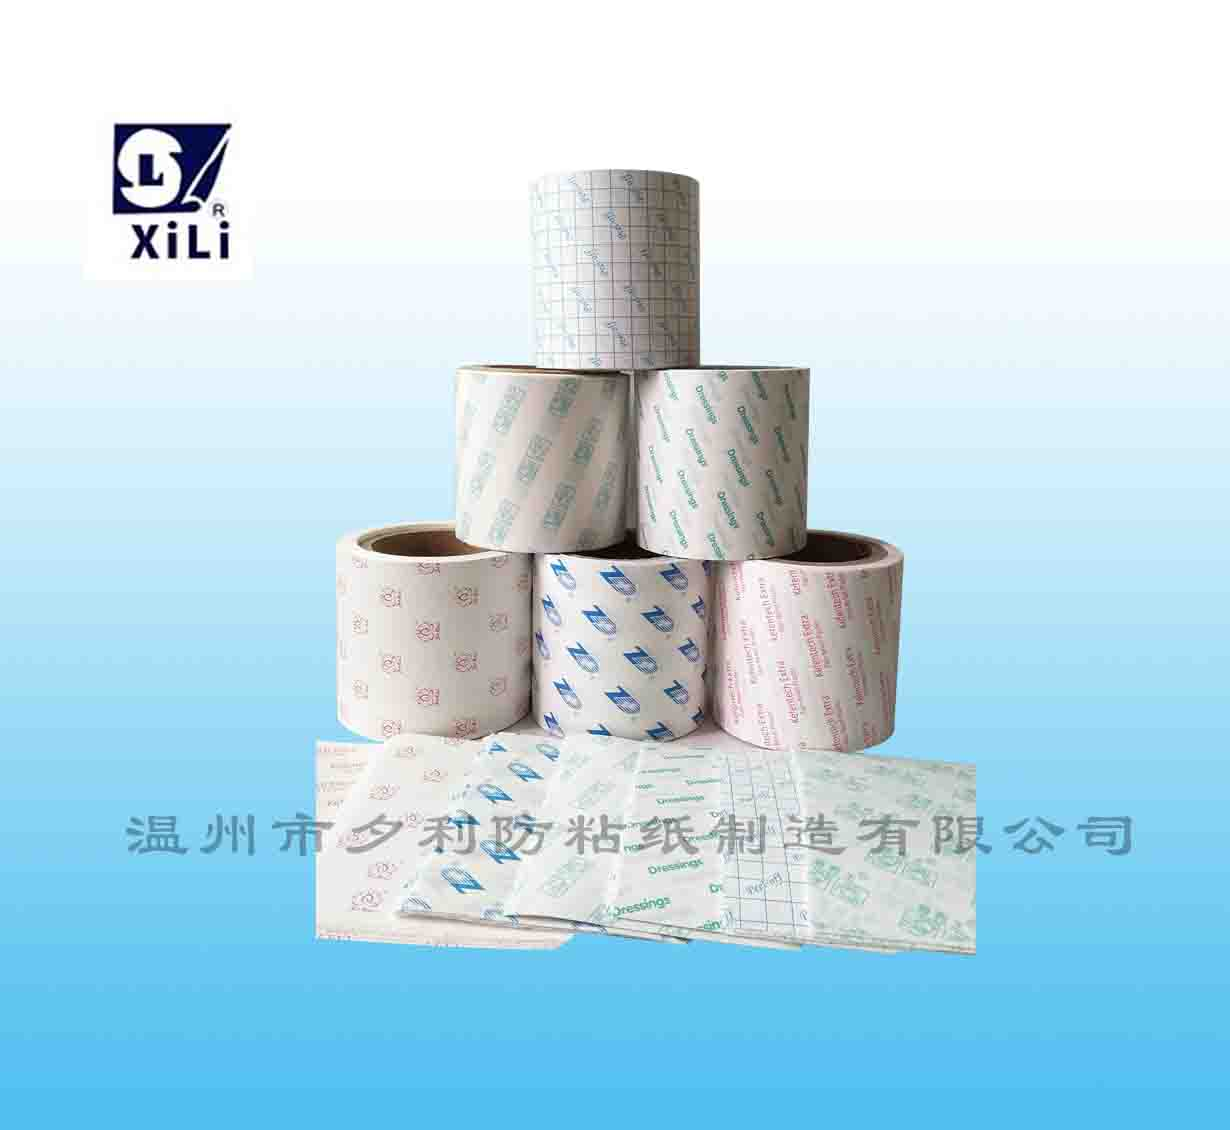 温州夕利公司为您提供优质的离型纸——广东离型纸